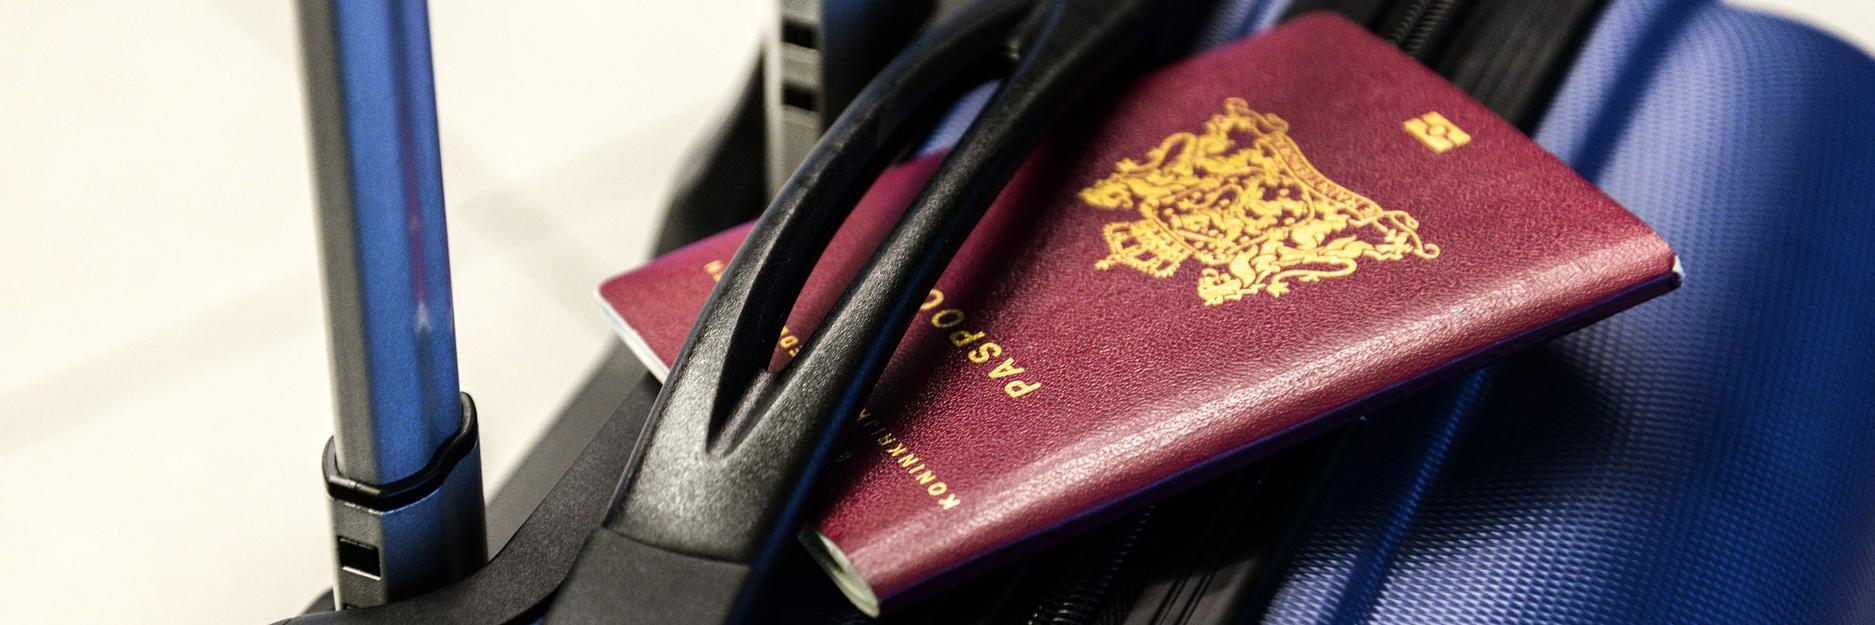 visum nieuw zeeland kosten